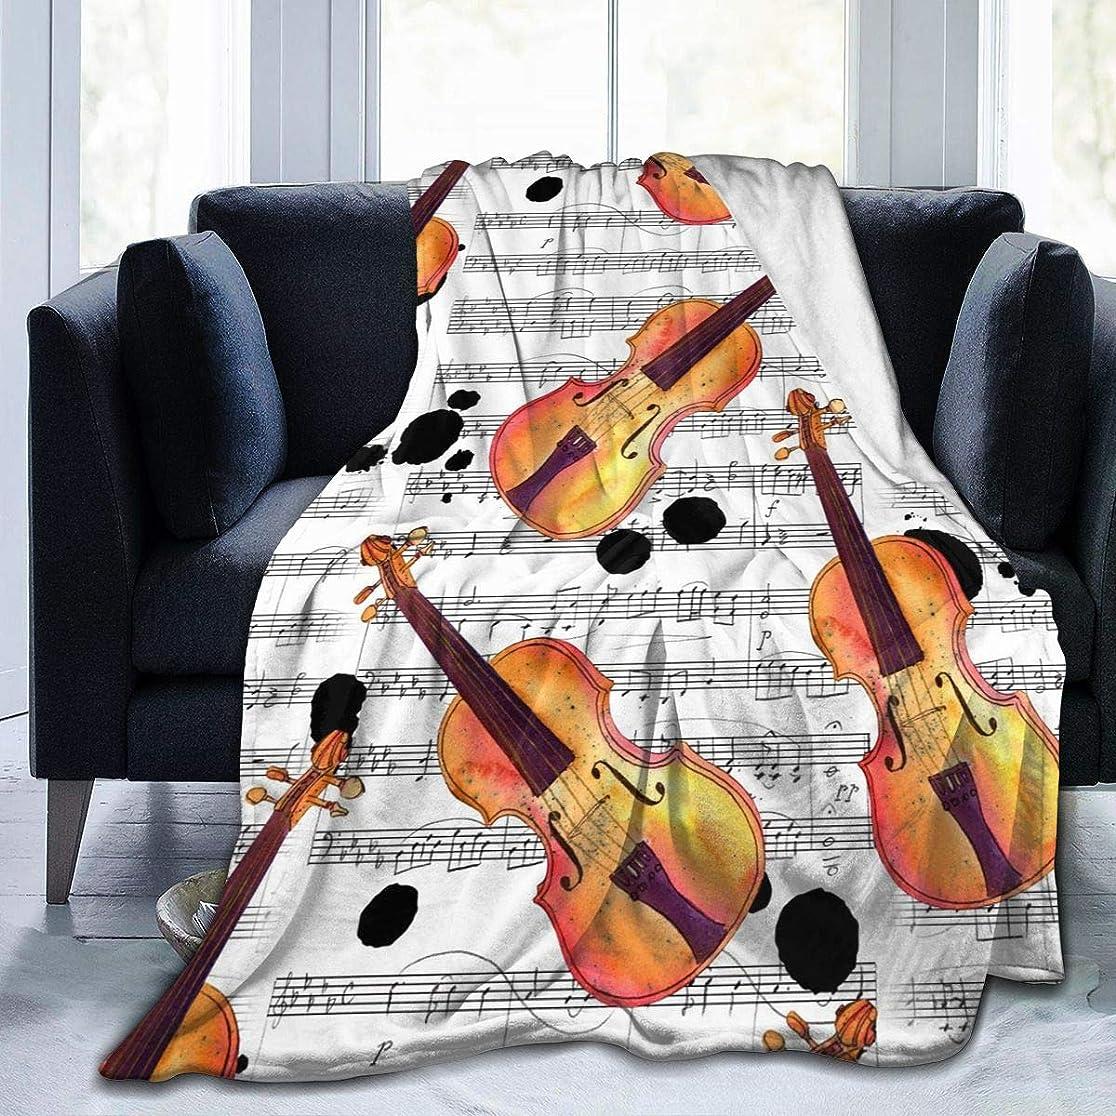 旋回アロングバインドバイオリン 音楽 毛布 掛け毛布 ブランケット シングル 暖かい柔らかい ふわふわ フランネル 毛布 三つのサイズ